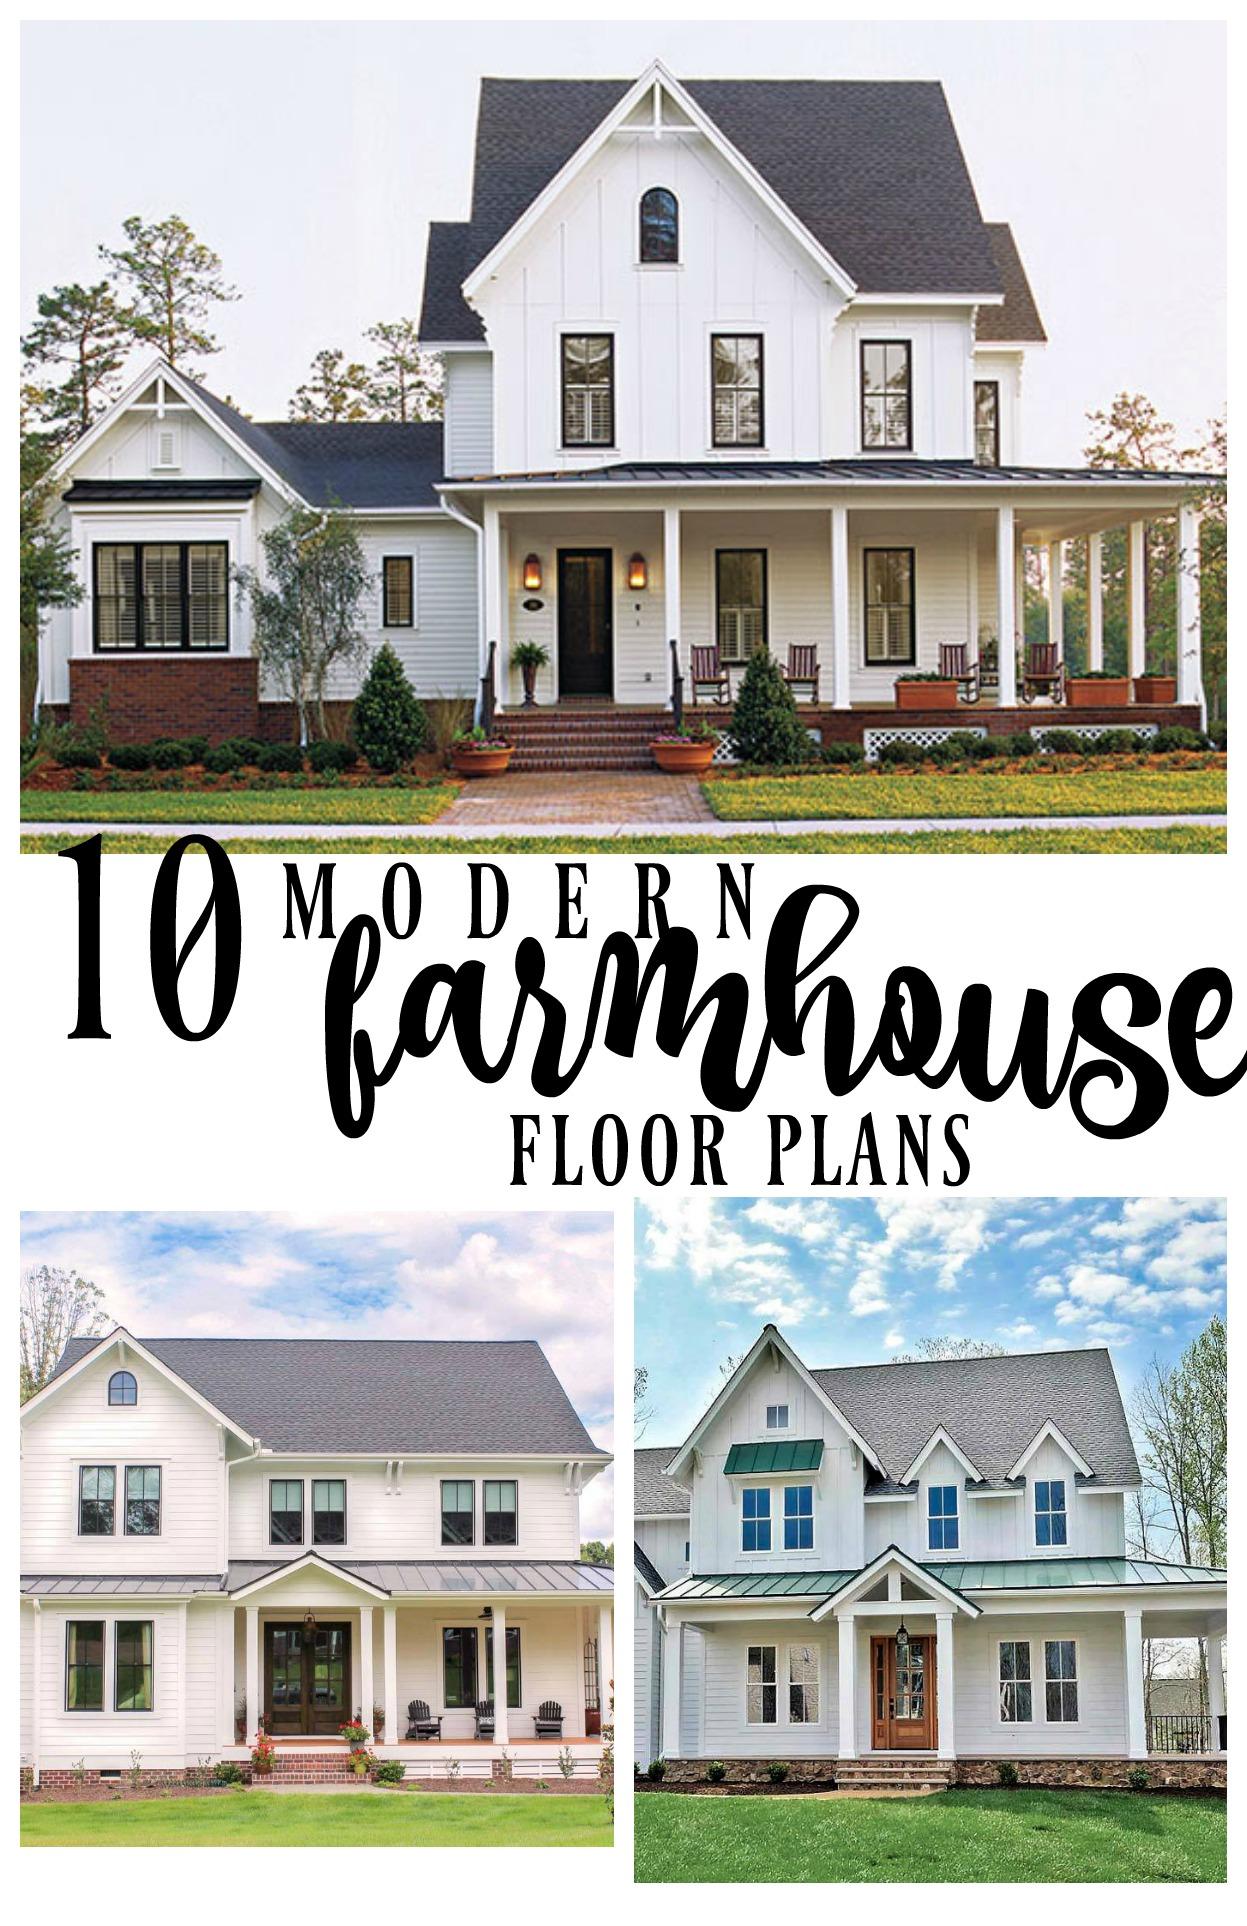 10 Modern Farmhouse Floor Plans I Love Rooms For Rent blog